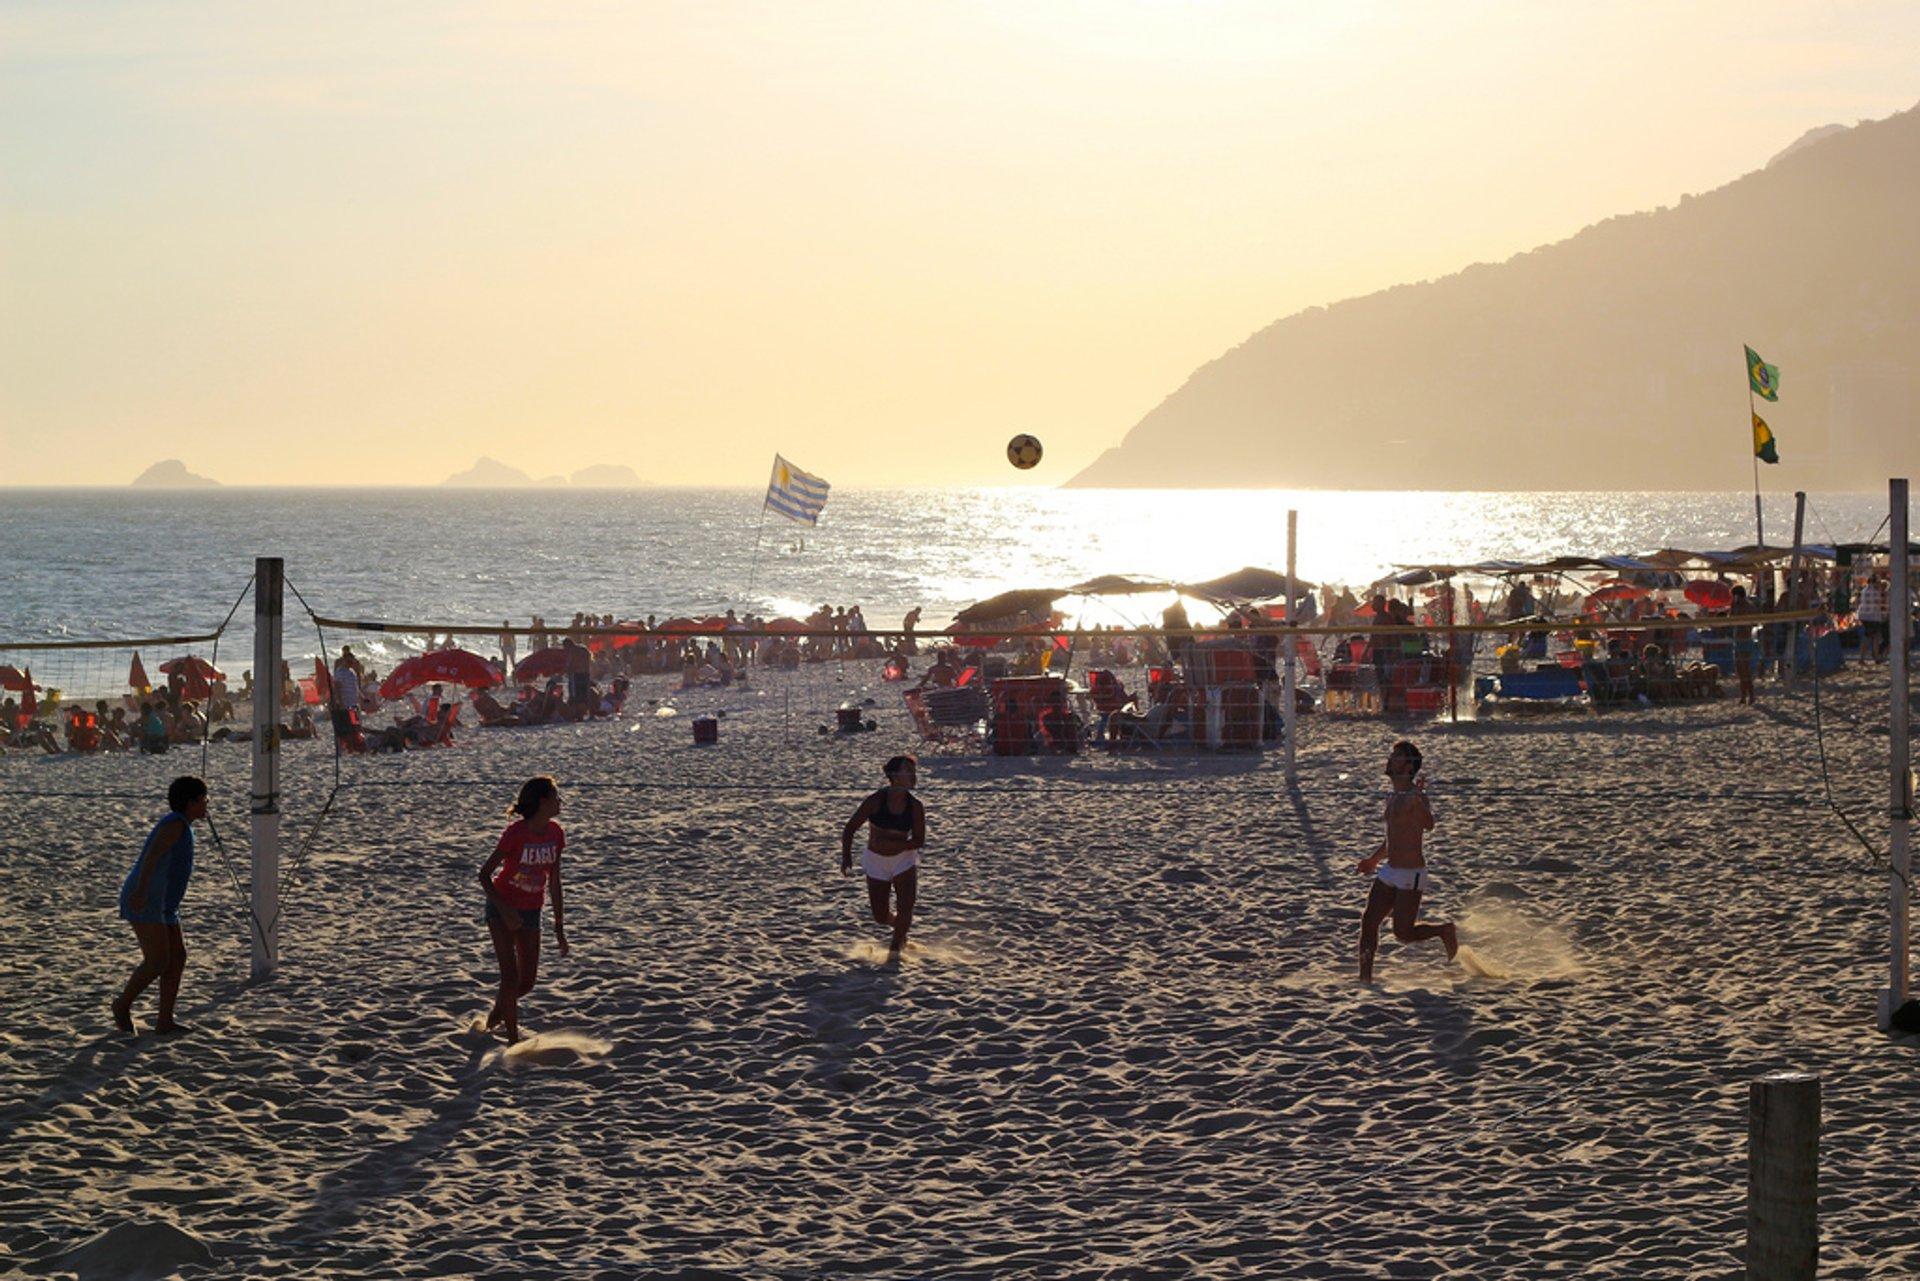 Futevôlei or Footvolley in Rio de Janeiro - Best Season 2019